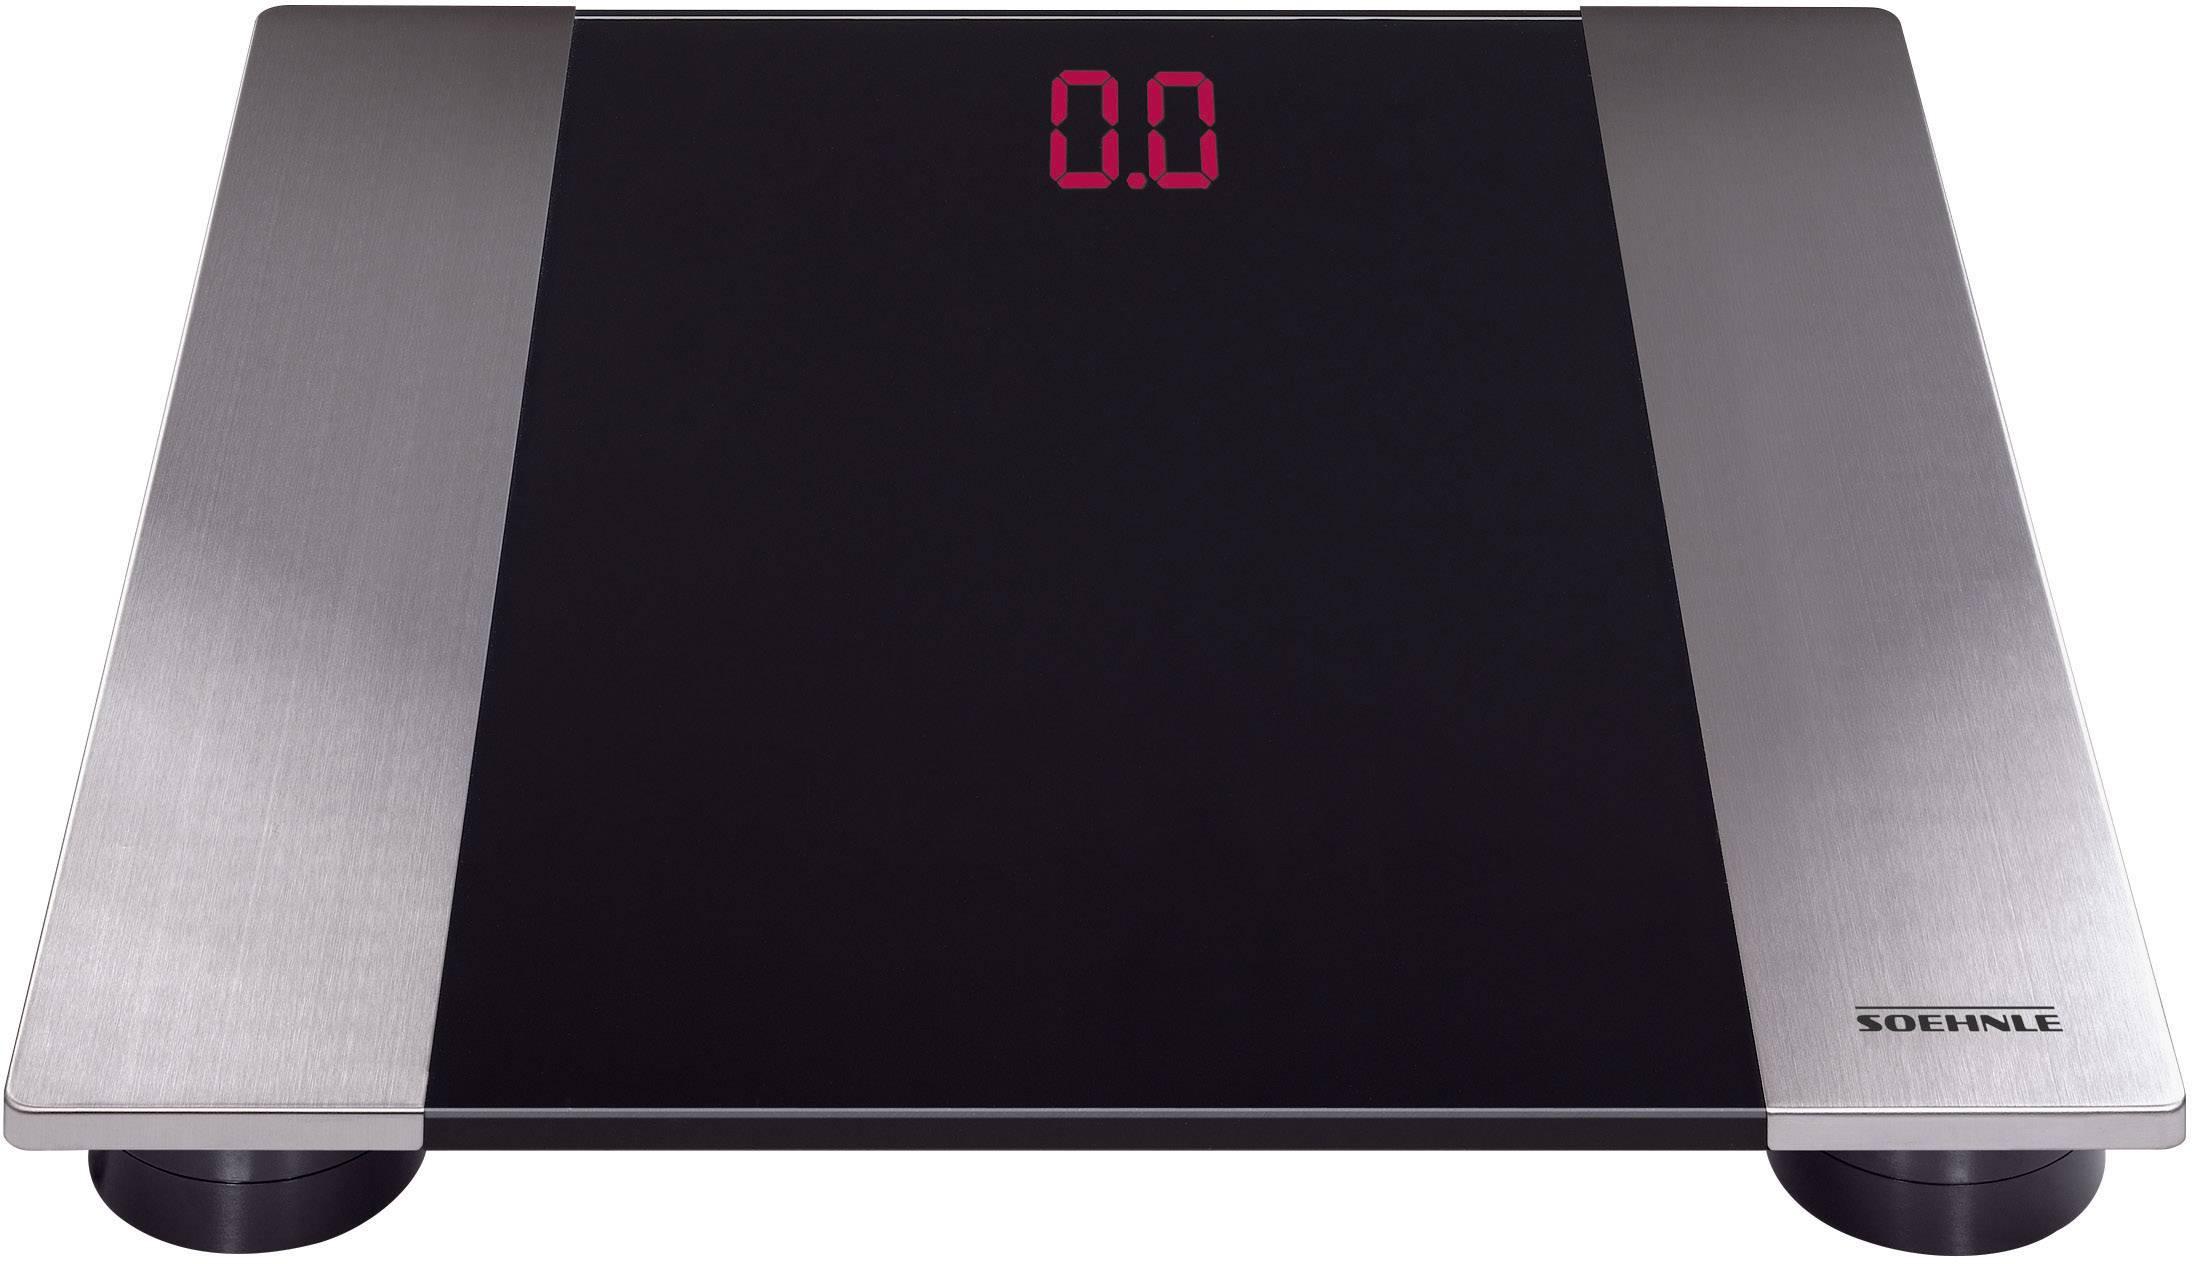 Digitálna osobná váha Soehnle Linea, nerezová oceľ, čierna